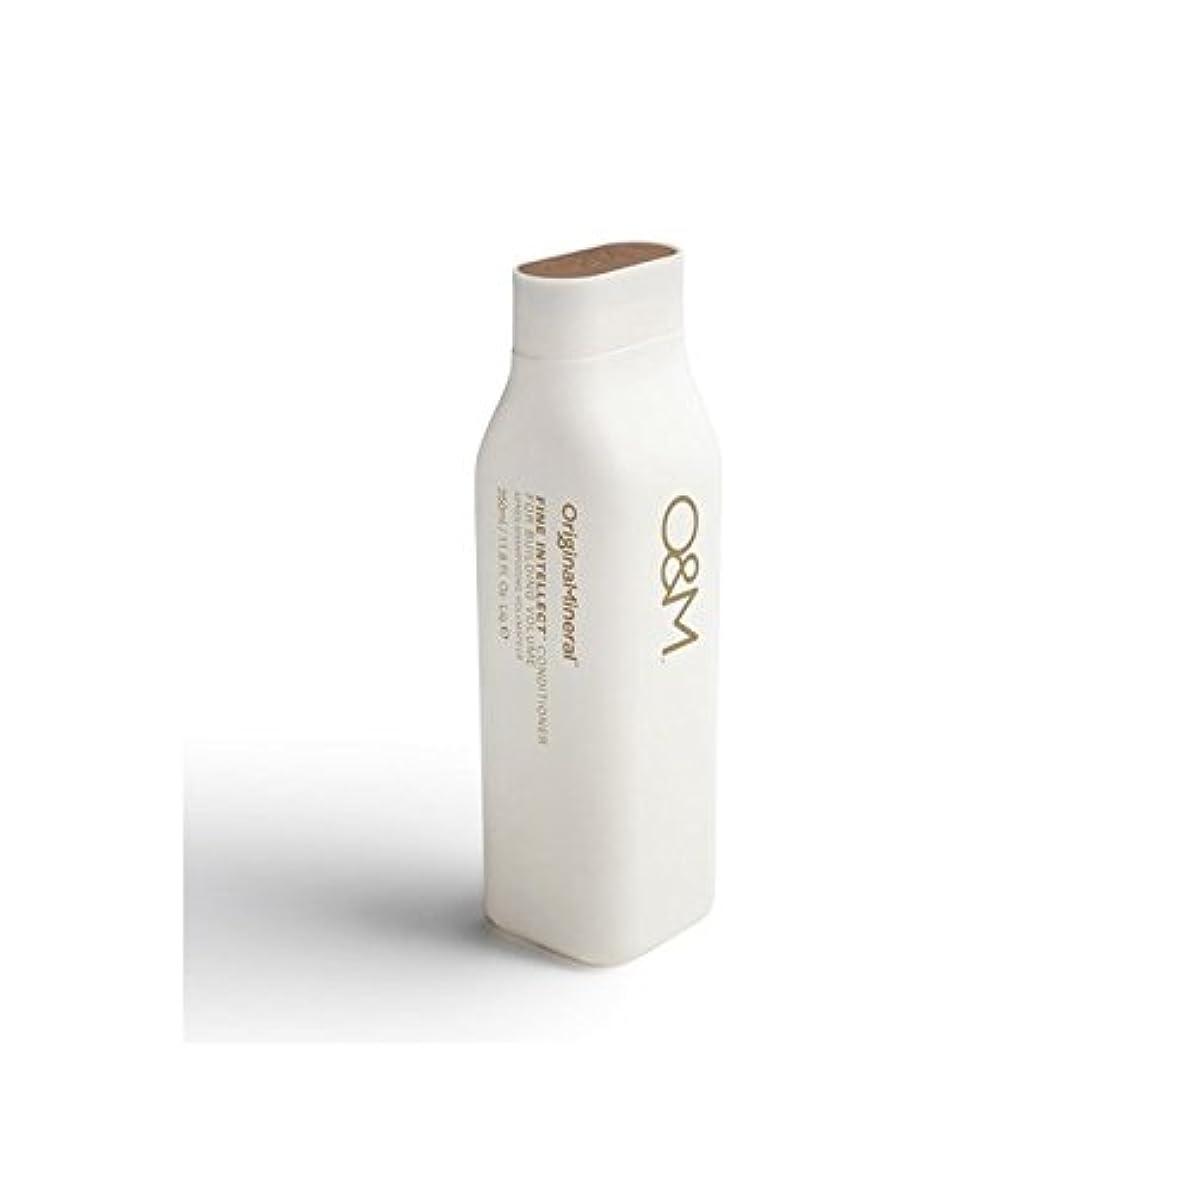 忌まわしい相対サイズ去るOriginal & Mineral Fine Intellect Conditioner (350ml) (Pack of 6) - オリジナル&ミネラル細かい知性コンディショナー(350ミリリットル) x6 [並行輸入品]